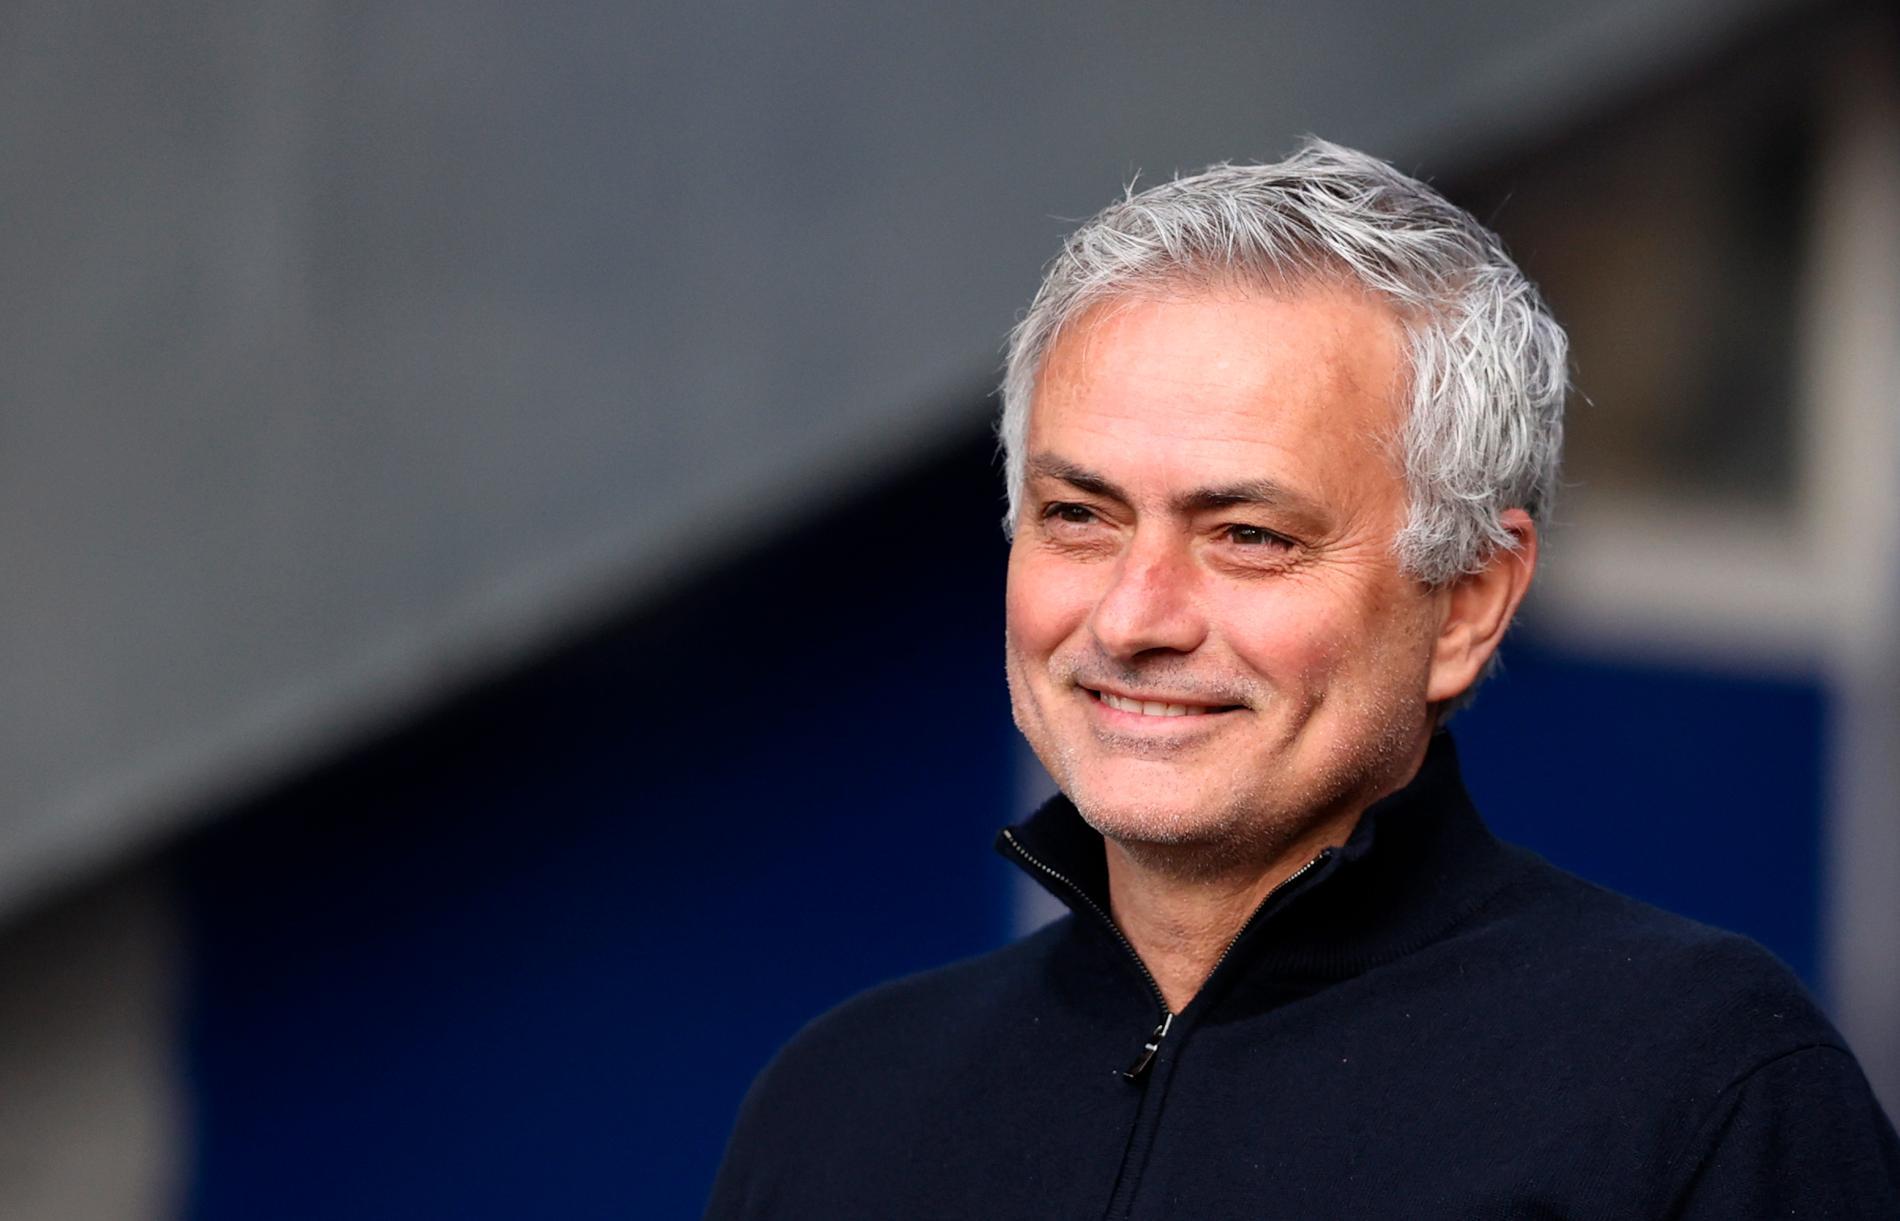 José Mourinho är klar som ny tränare för Roma i Serie A